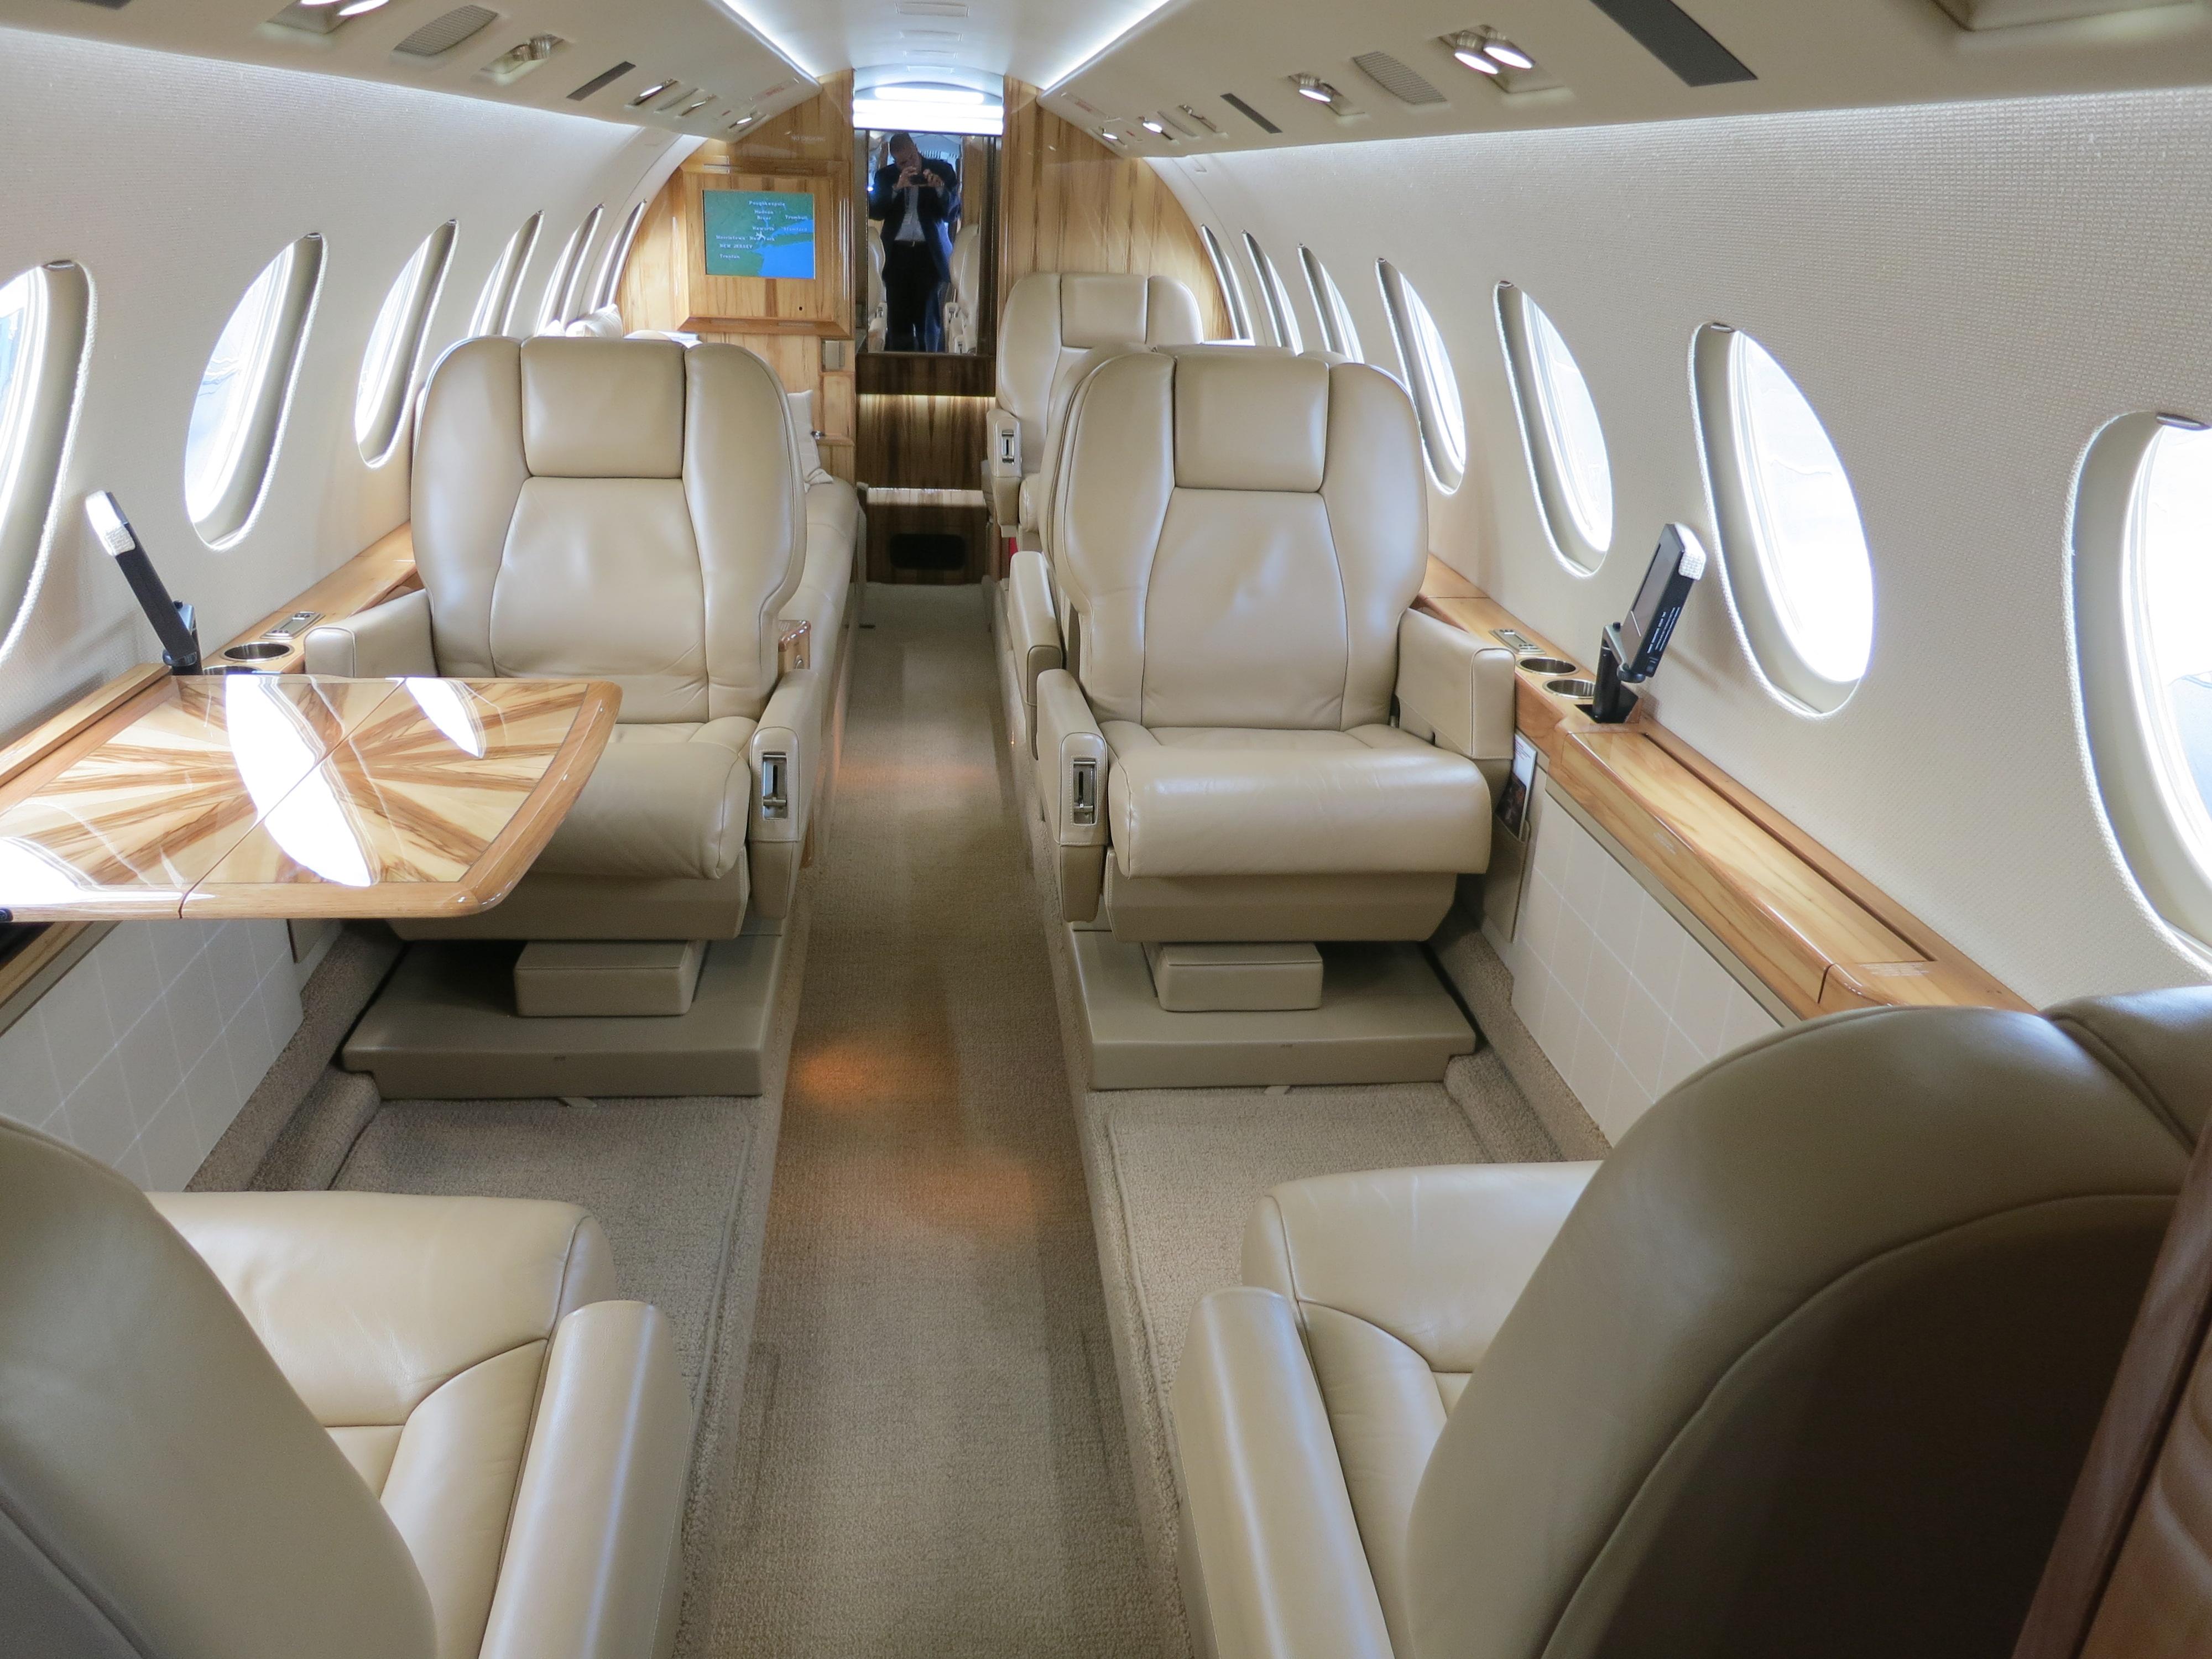 file dassault falcon 50 cabin interior jpg wikimedia commons